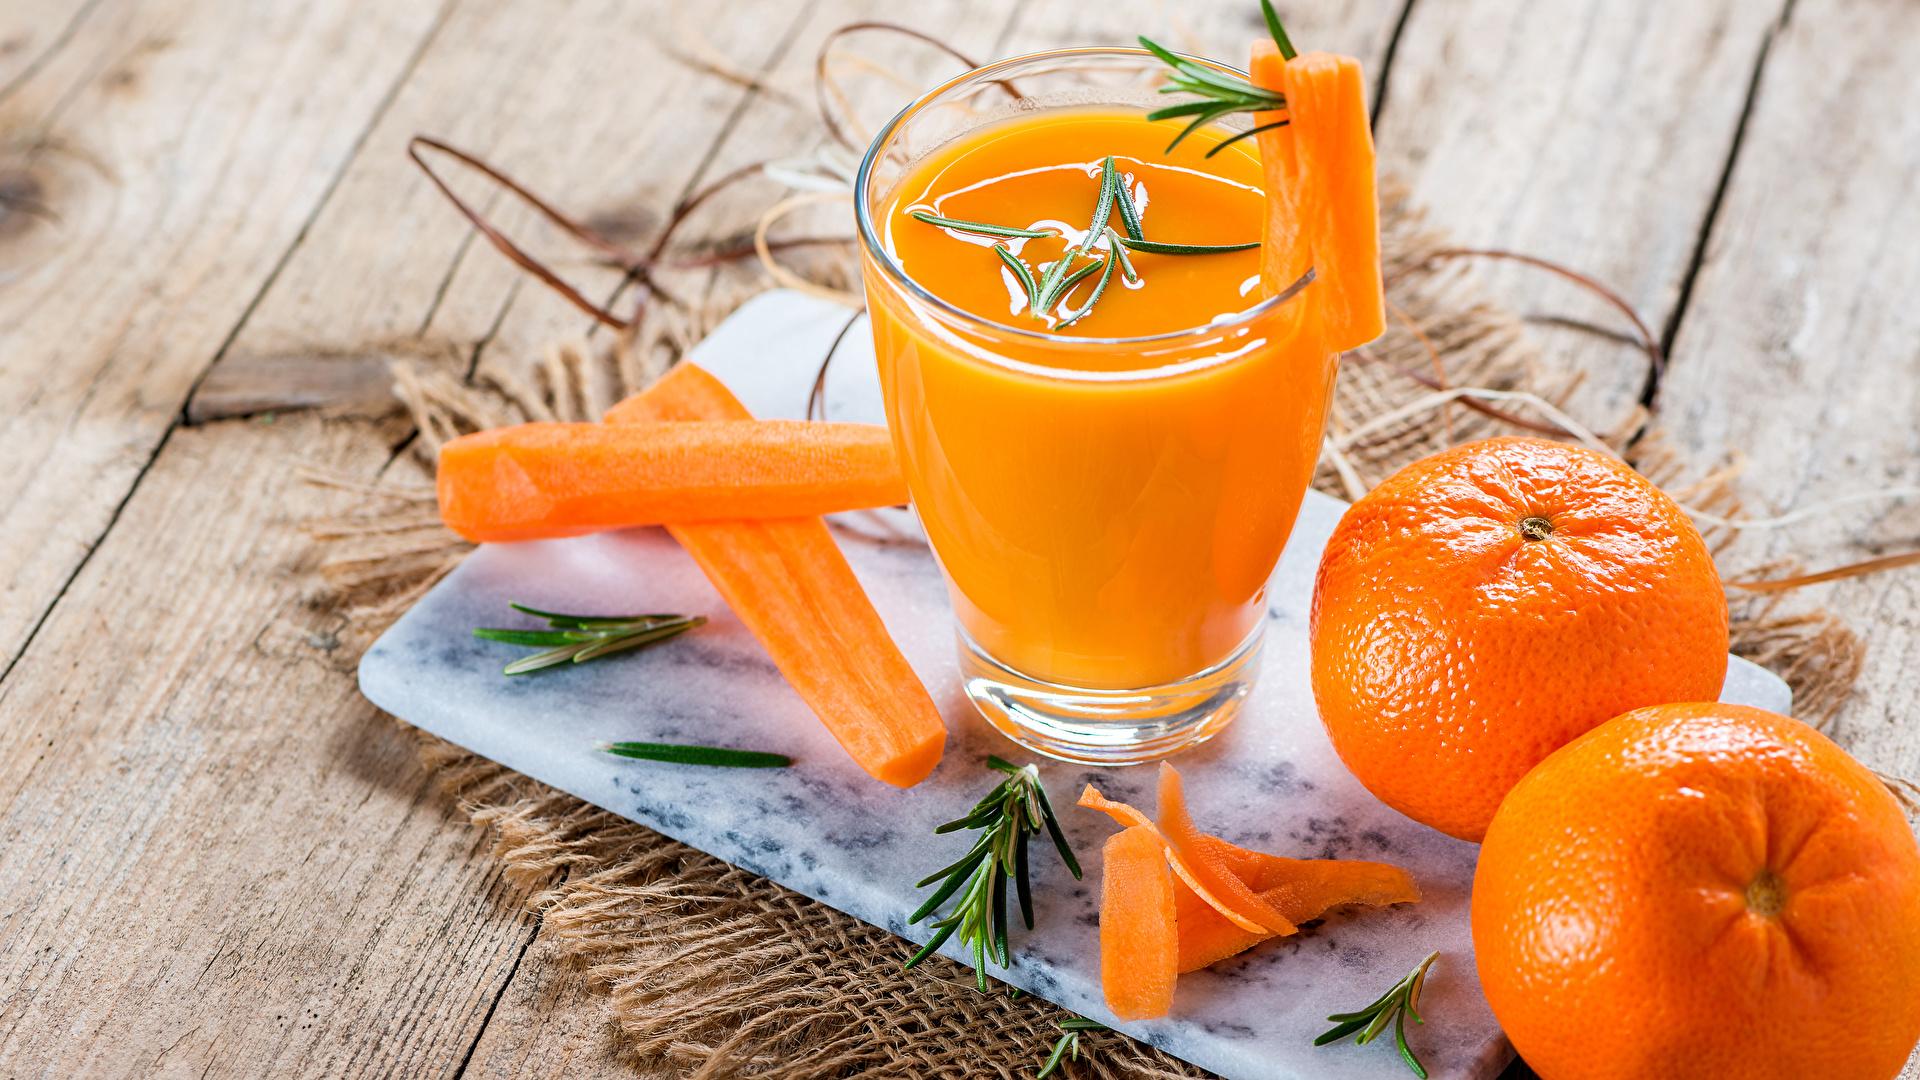 Картинка Сок Морковь Мандарины стакана Еда Доски 1920x1080 Стакан стакане Пища Продукты питания